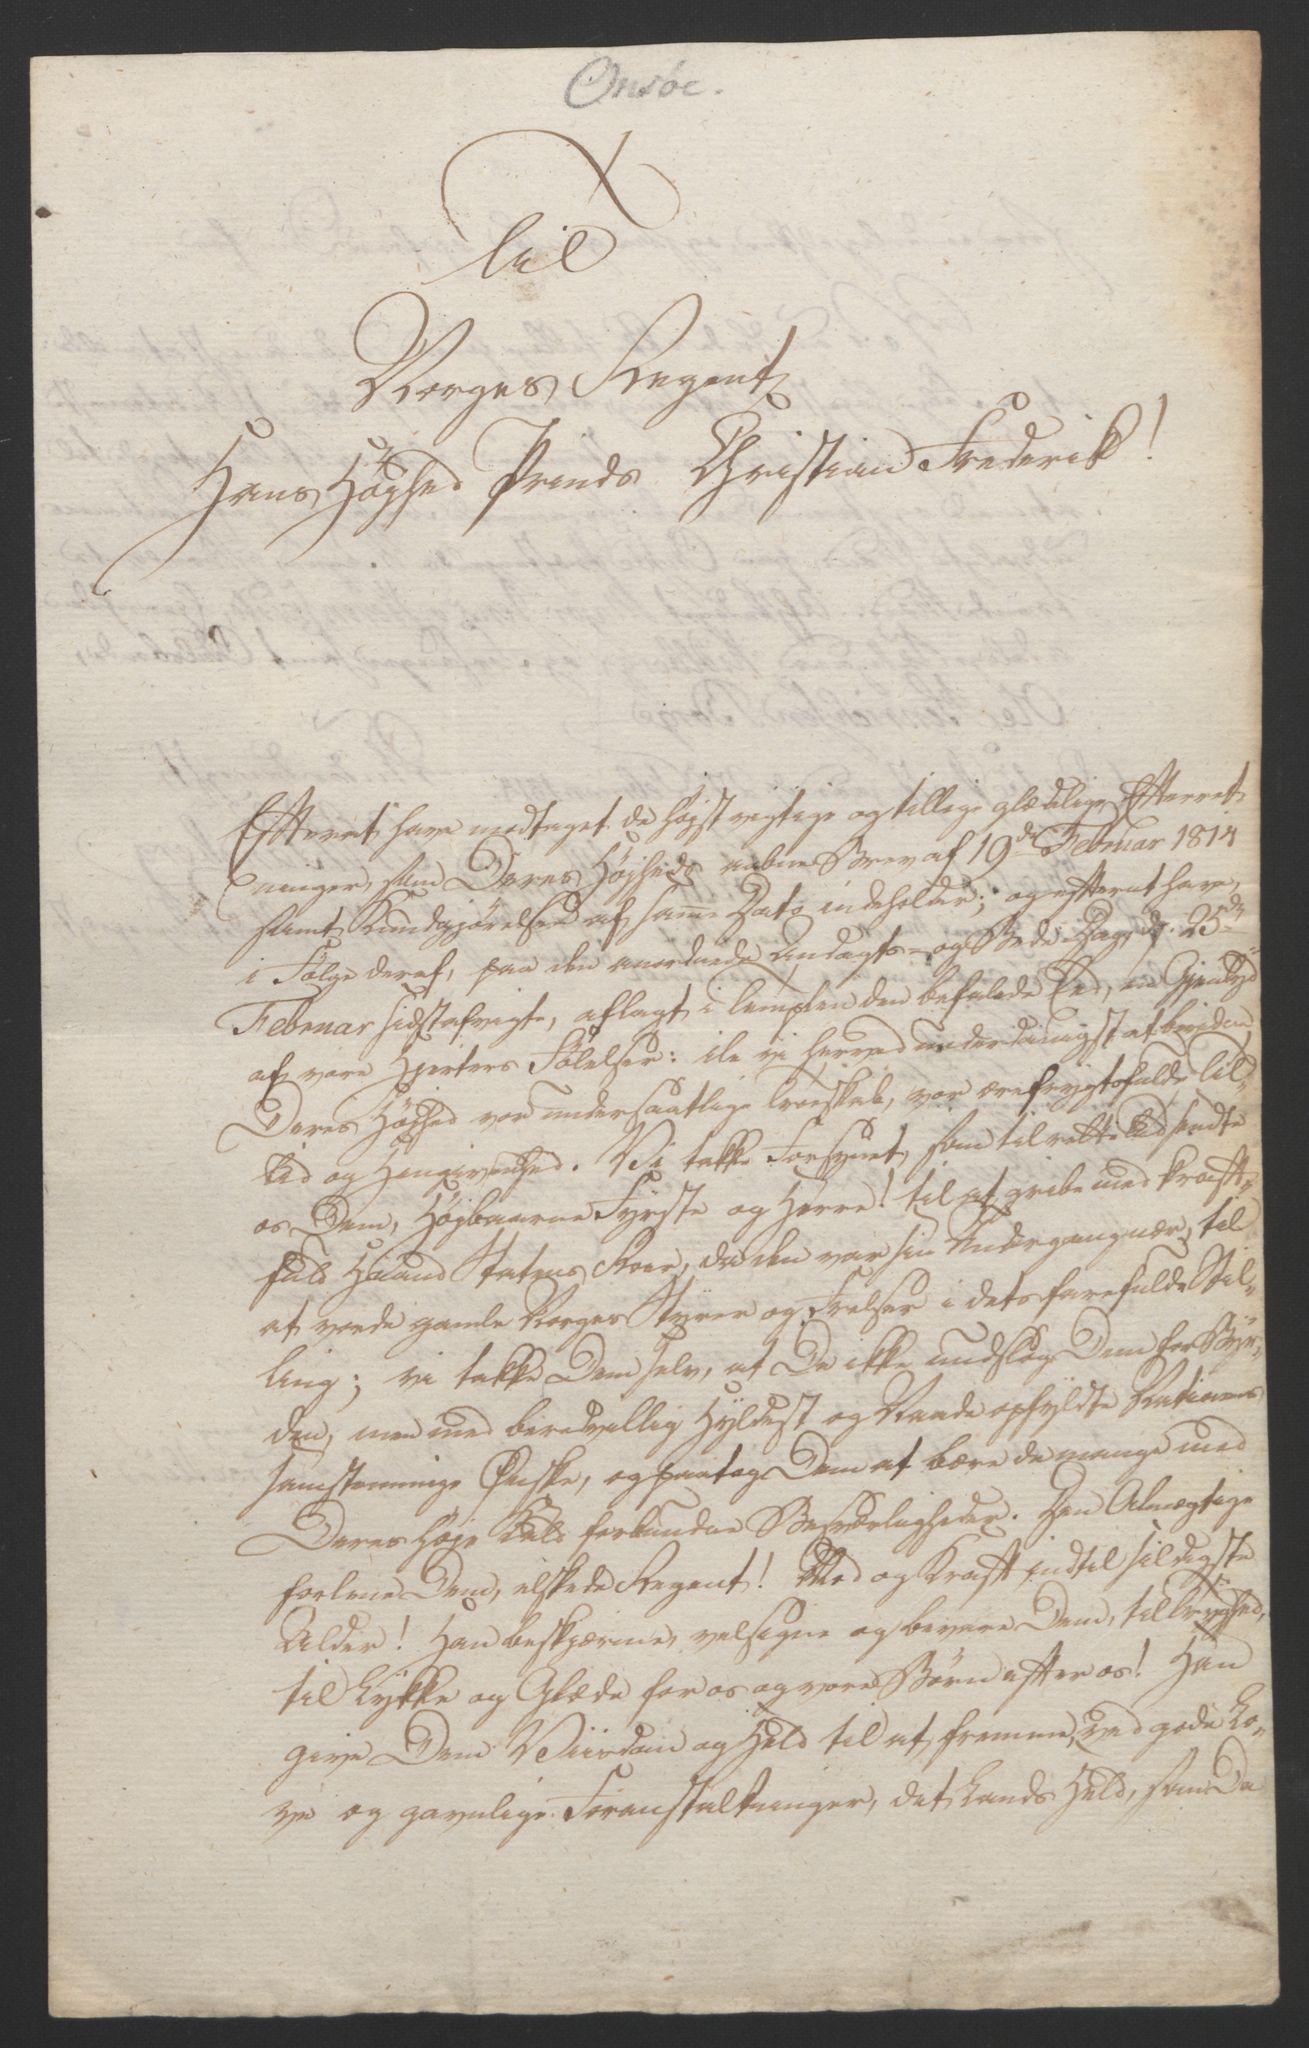 RA, Statsrådssekretariatet, D/Db/L0007: Fullmakter for Eidsvollsrepresentantene i 1814. , 1814, s. 157